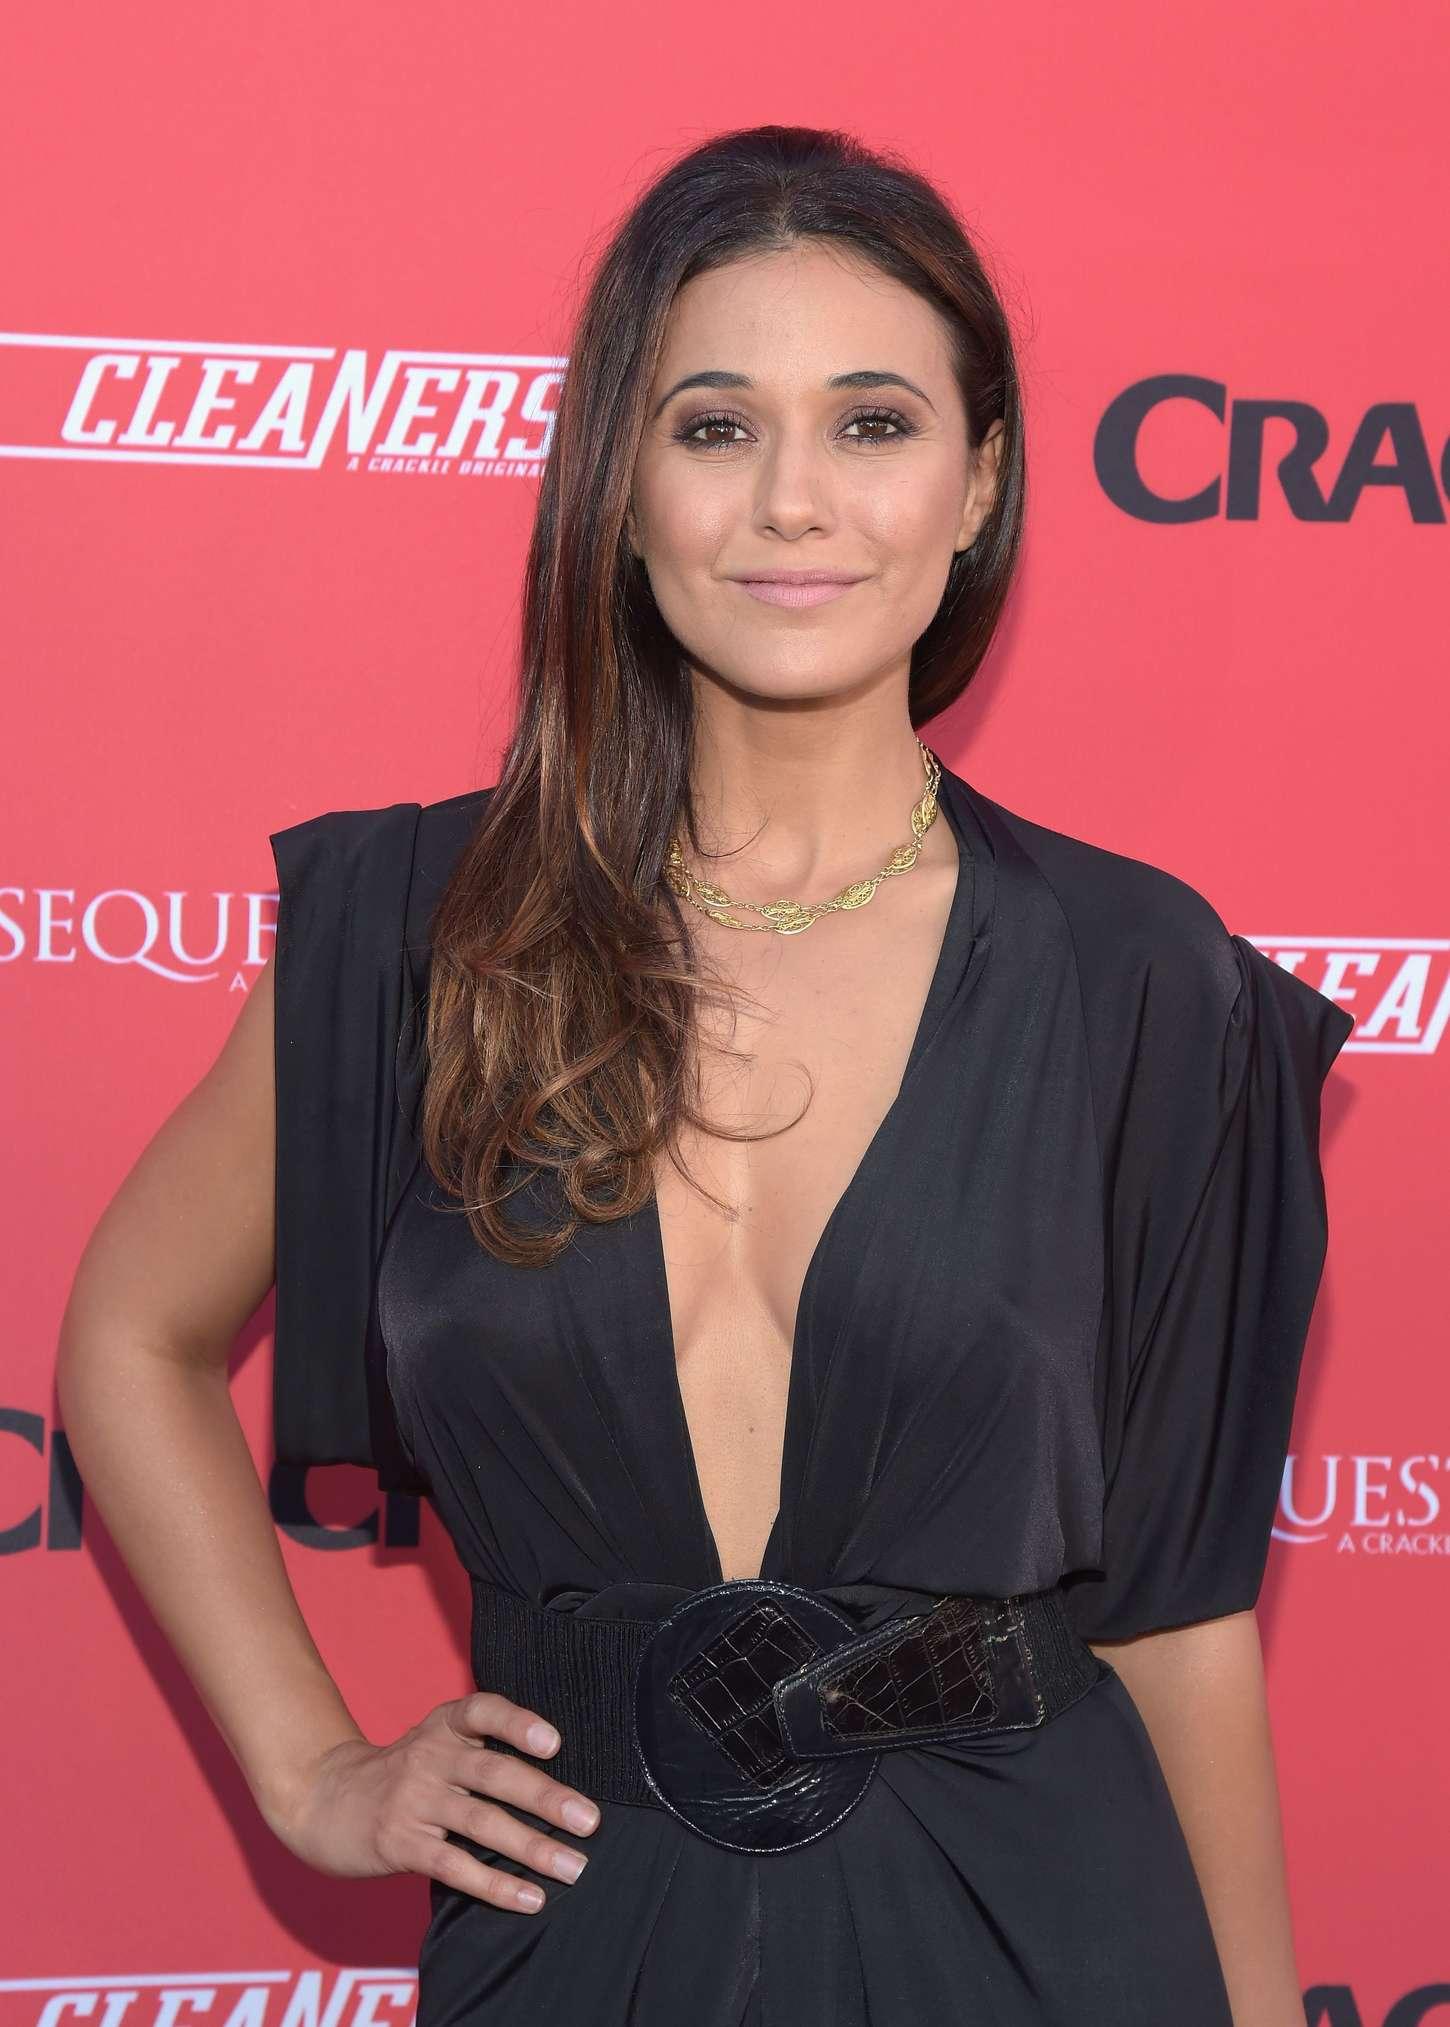 Emmanuelle Chriqui 2014 : Emmanuelle Chriqui: Cleaners Season 2 Premiere -06